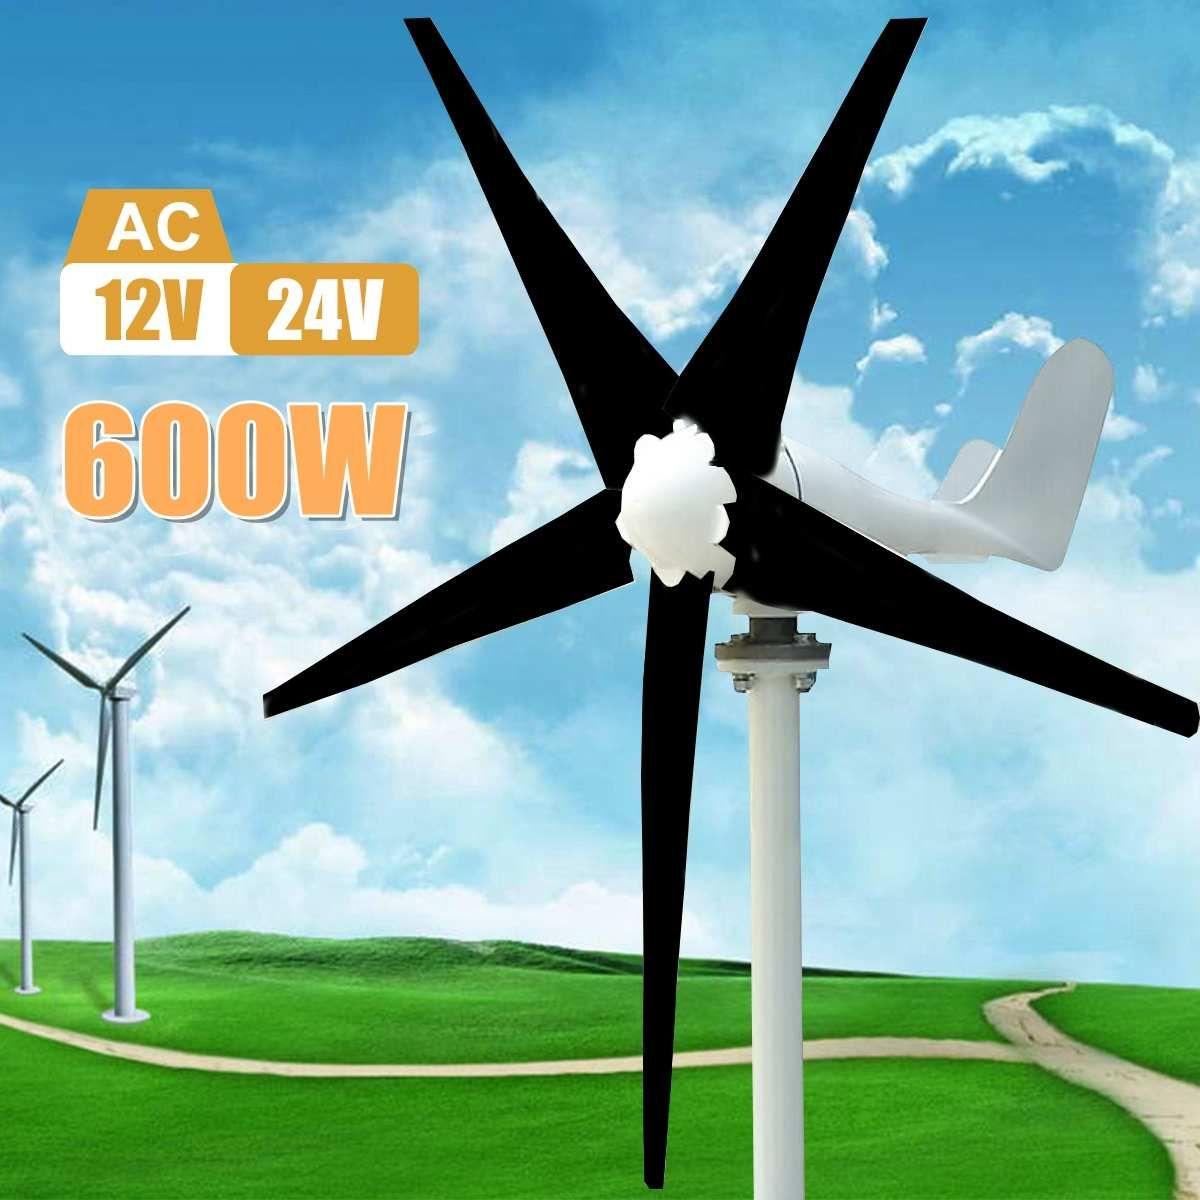 Max 600 watt Wind Turbine Generator AC 12 v/24 v 5 Klinge Netzteil Kits für Home Hybrid straßenbeleuchtung verwenden